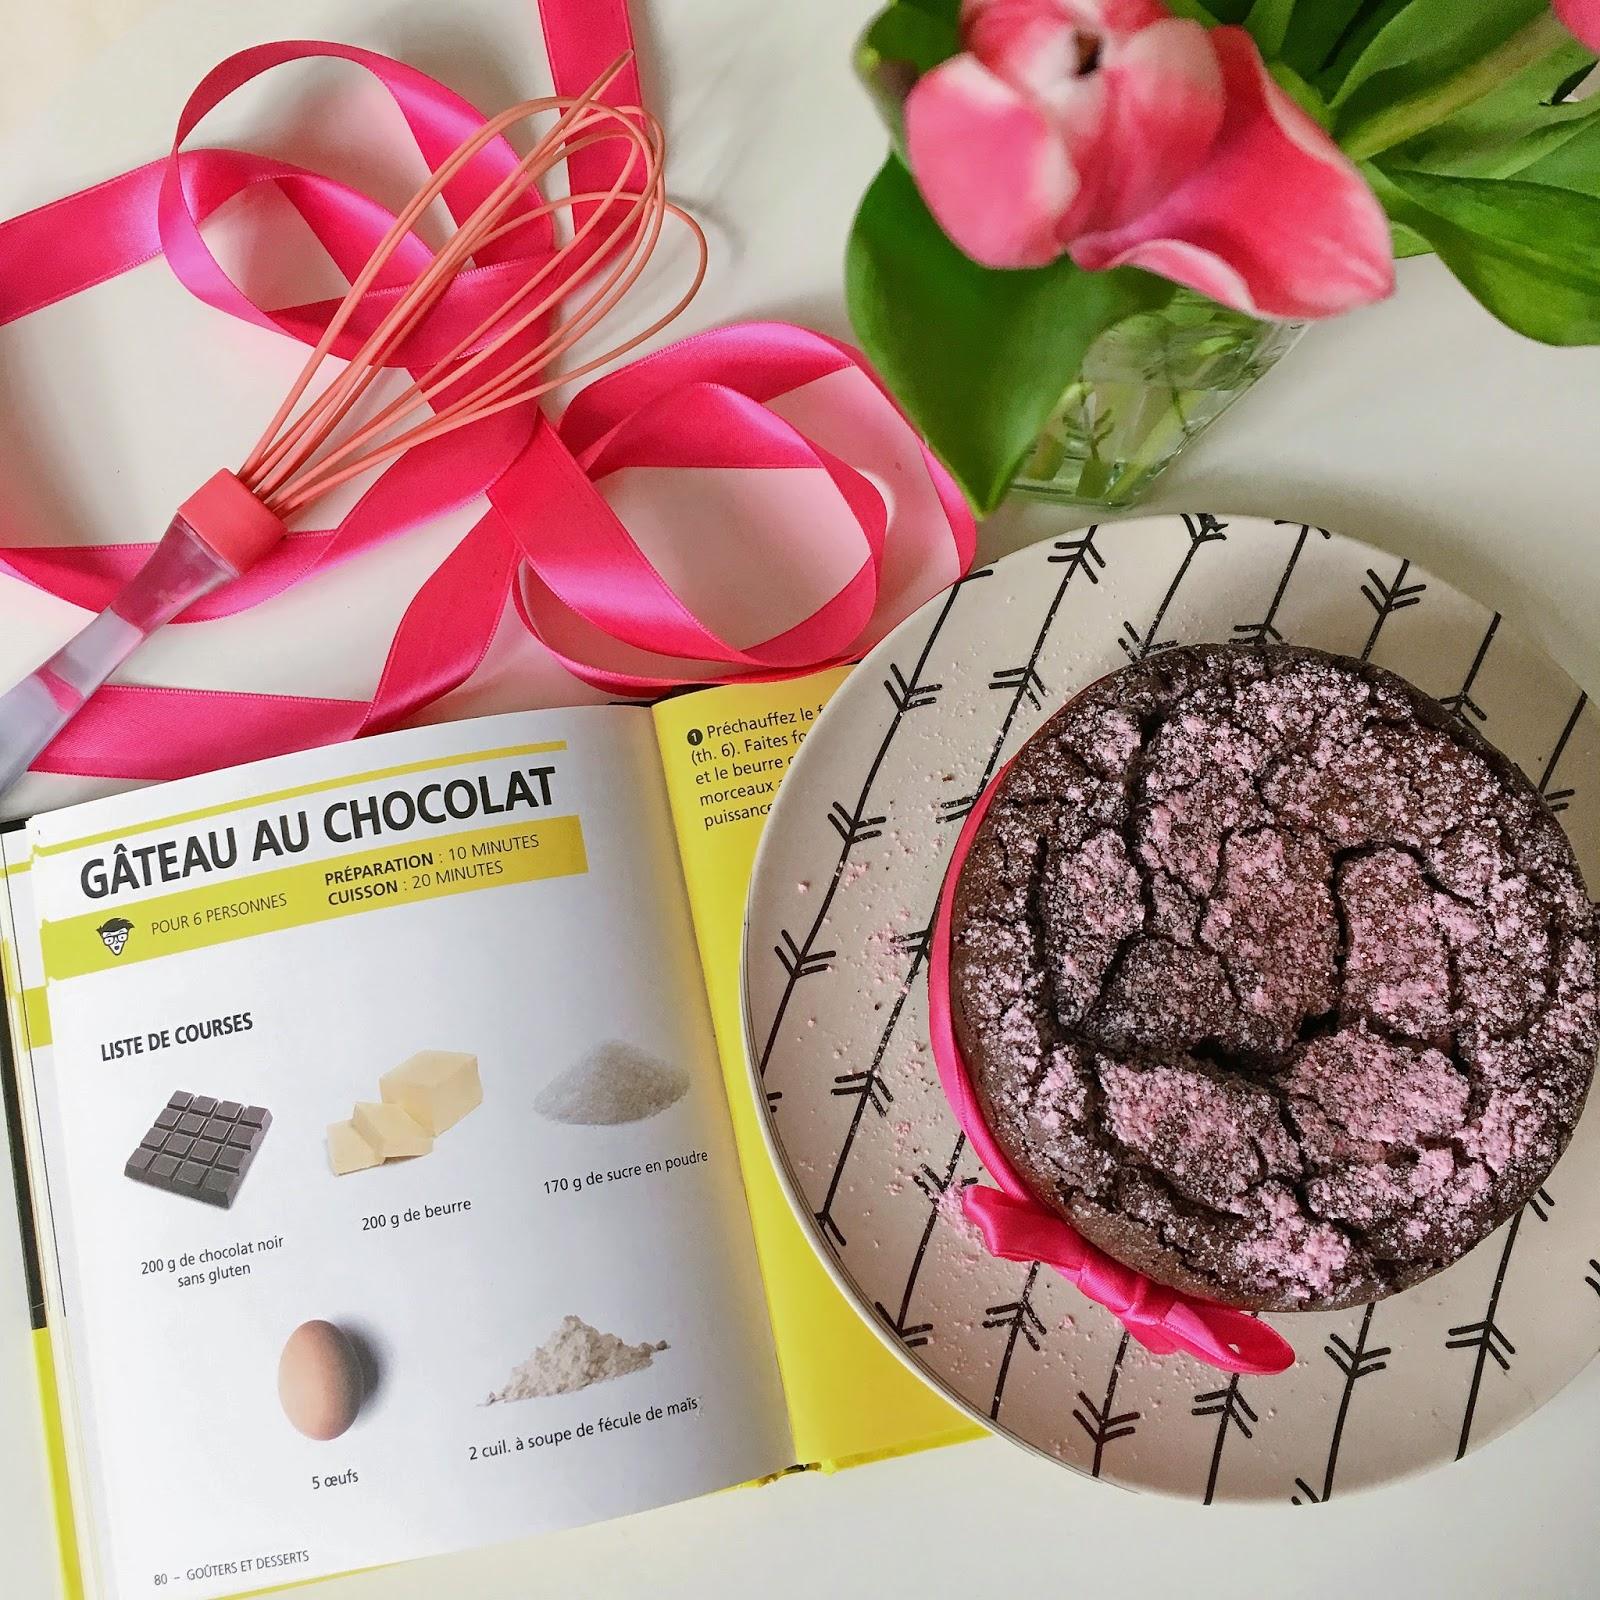 cuisine facile recette gateau au chocolat sans gluten rapide bon les gommettes de melo vahiné